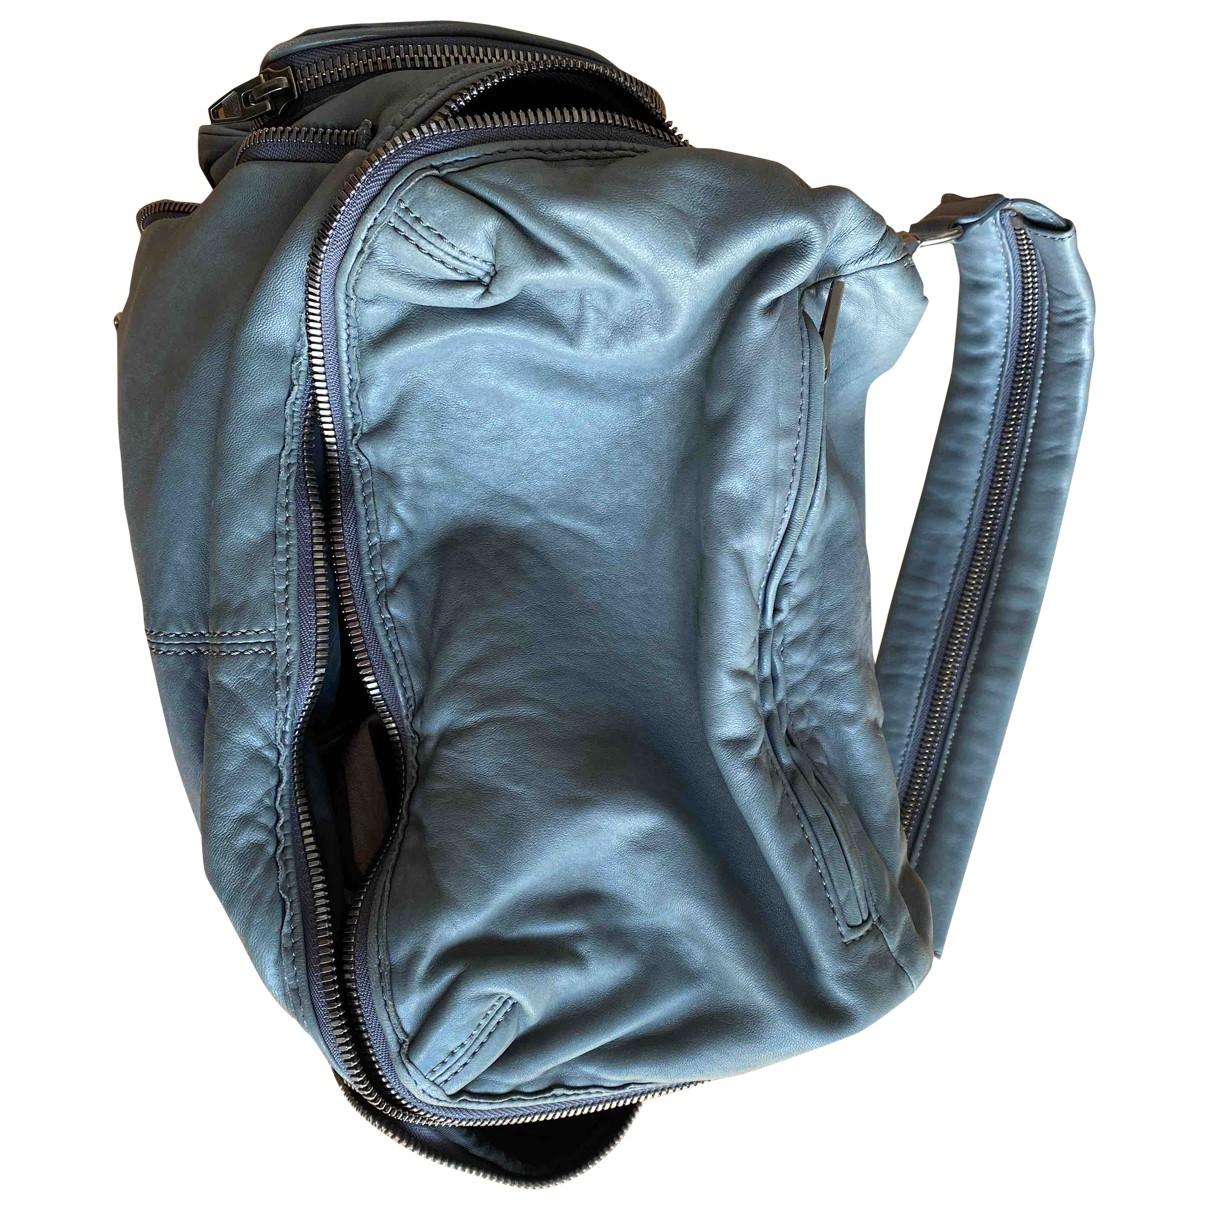 Alexander Wang \N Handtasche in  Anthrazit Leder